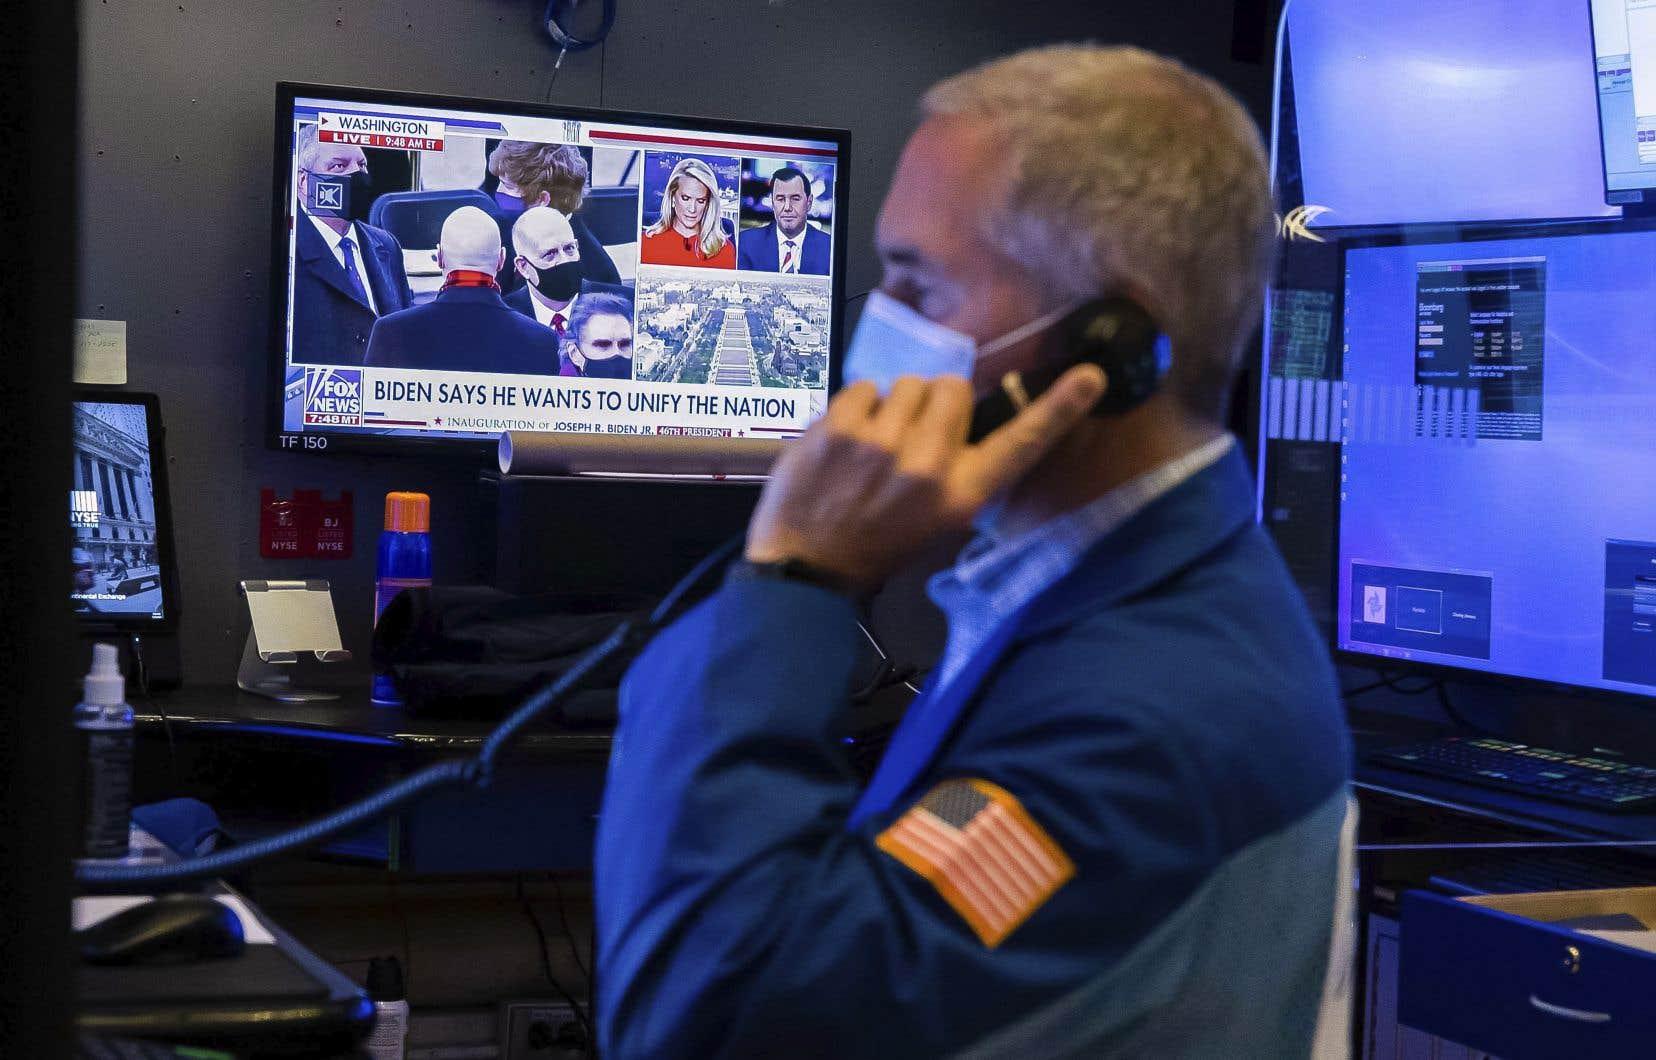 Avec le nouveau gouvernement américain, le marché anticipe un ambitieux plan de relance budgétaire, comme s'y est engagé le président Joe Biden, qui veut débloquer d'urgence 1900milliards de dollars supplémentaires.